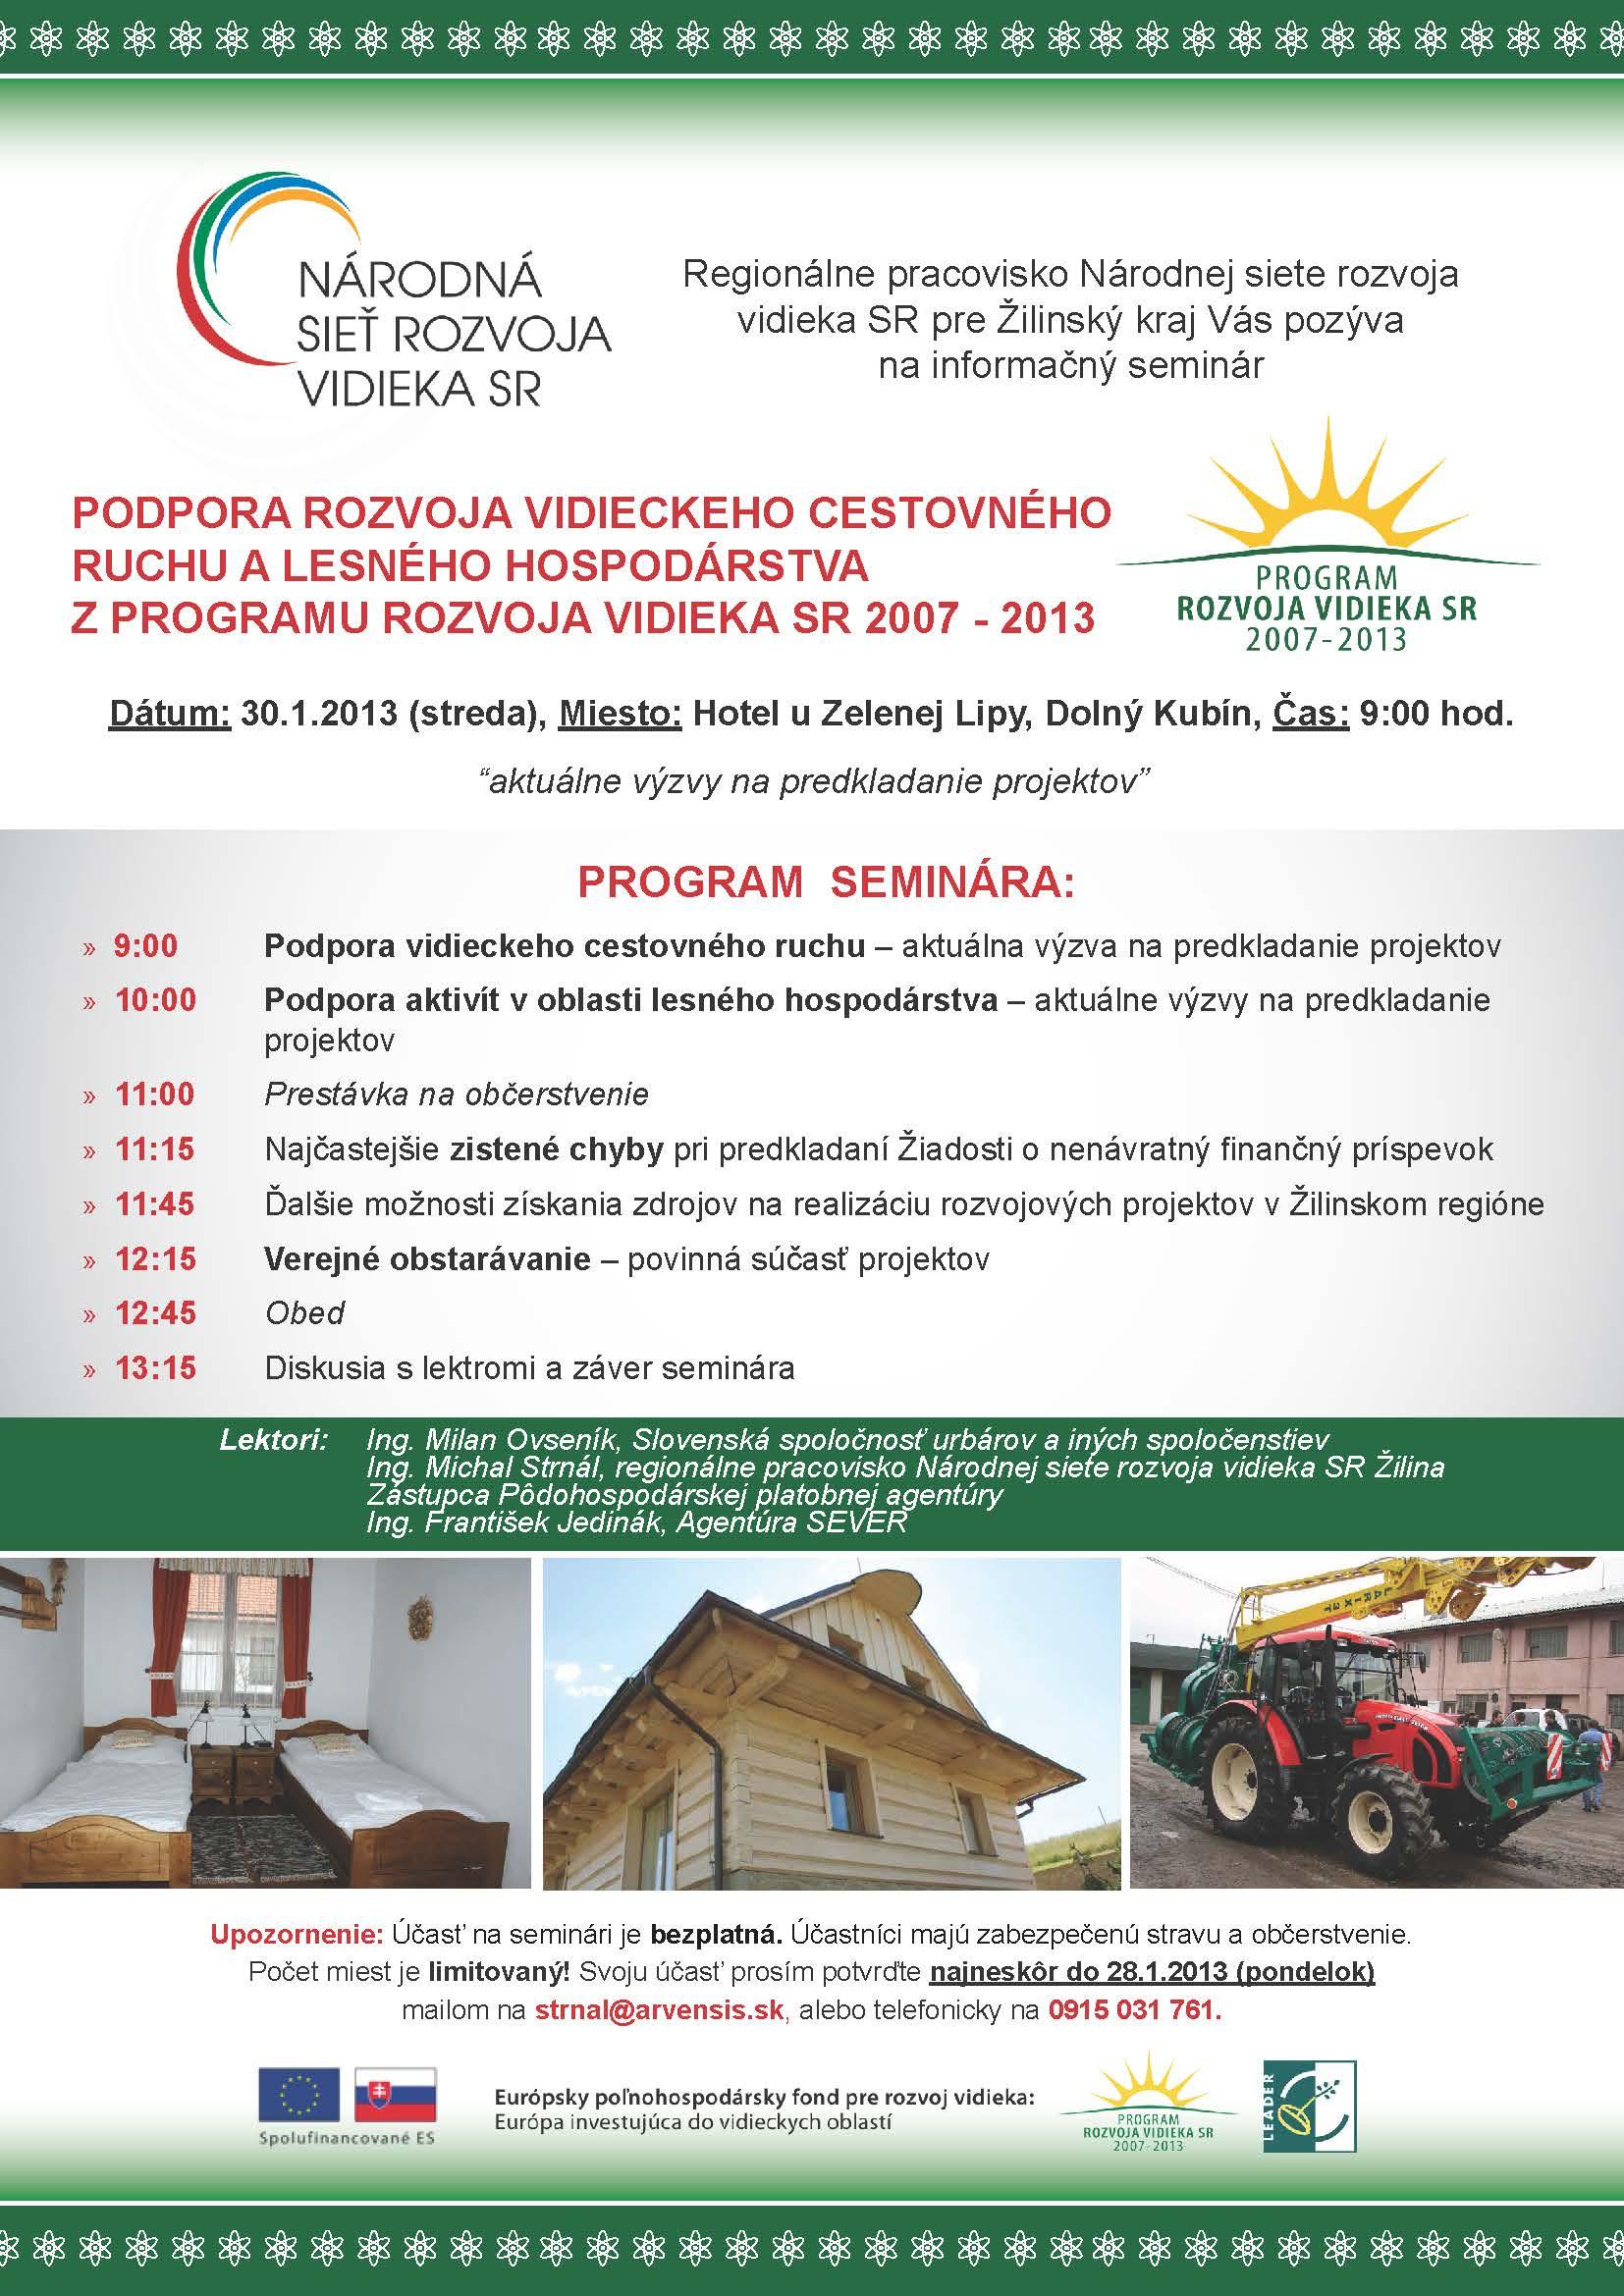 Pozvanka_vyzvy_PRV_30-1-2013